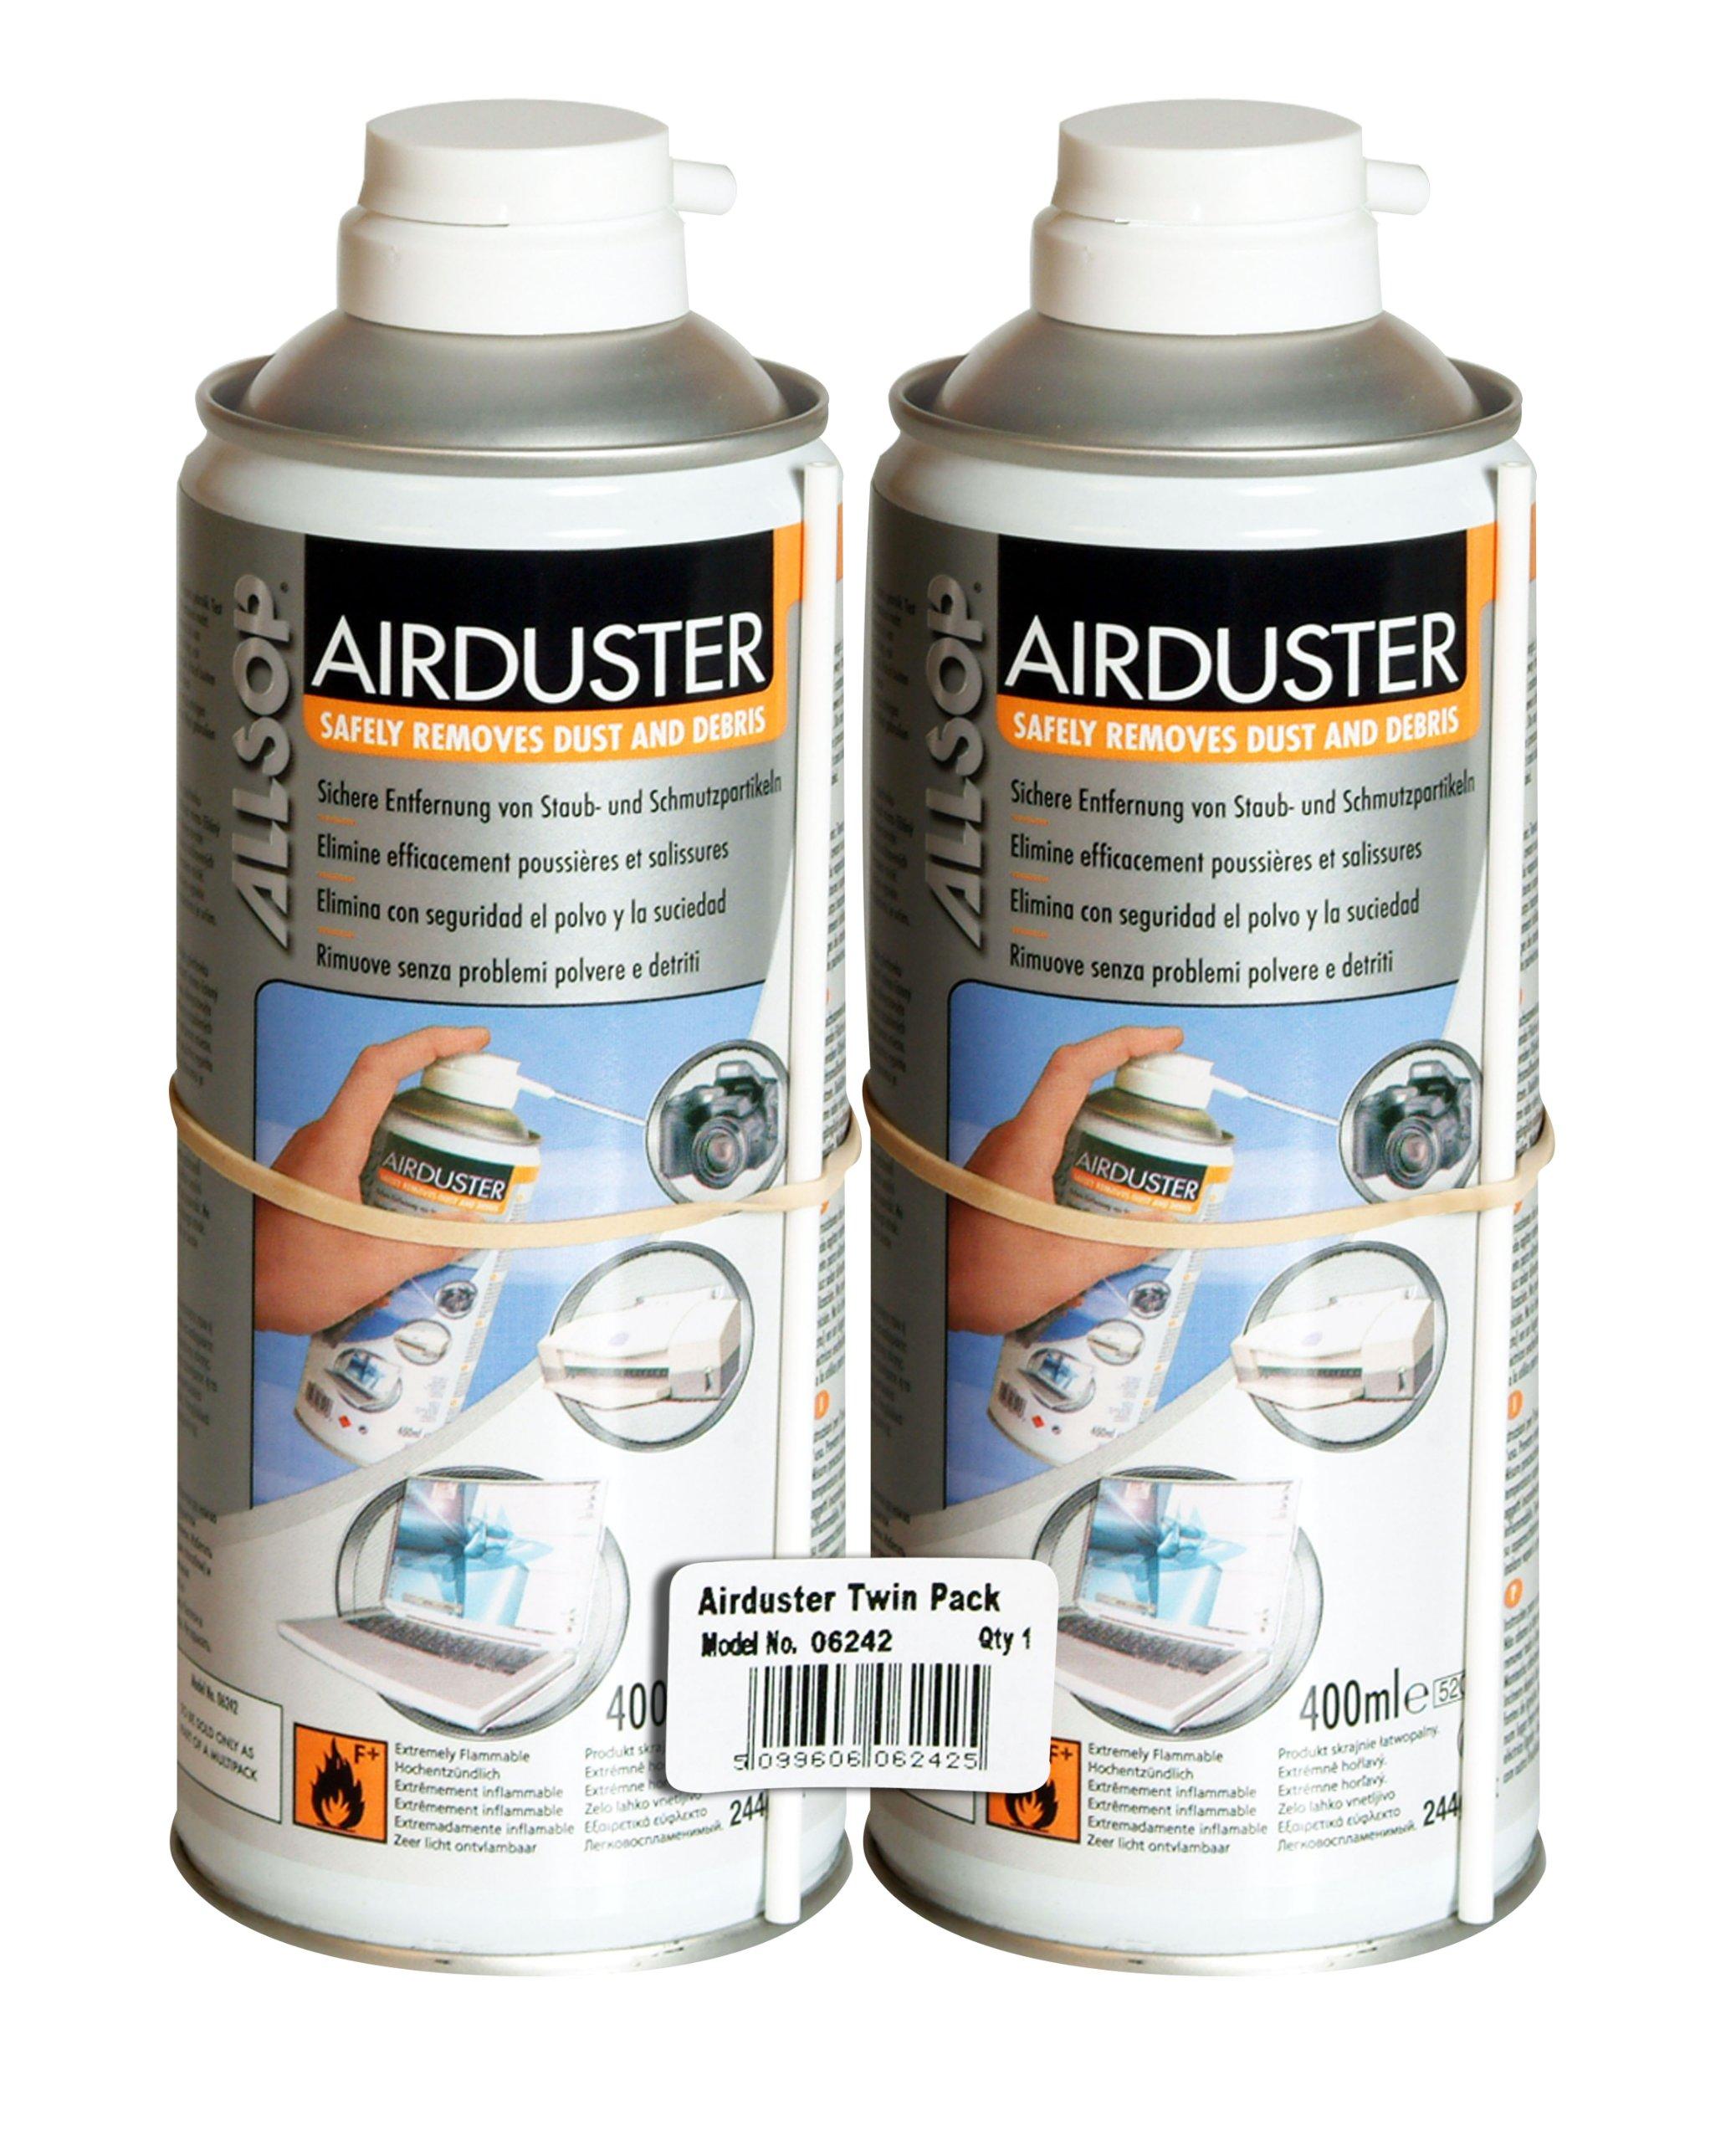 Allsop - Pack 2 Unidades Aire comprimido: Amazon.es: Informática